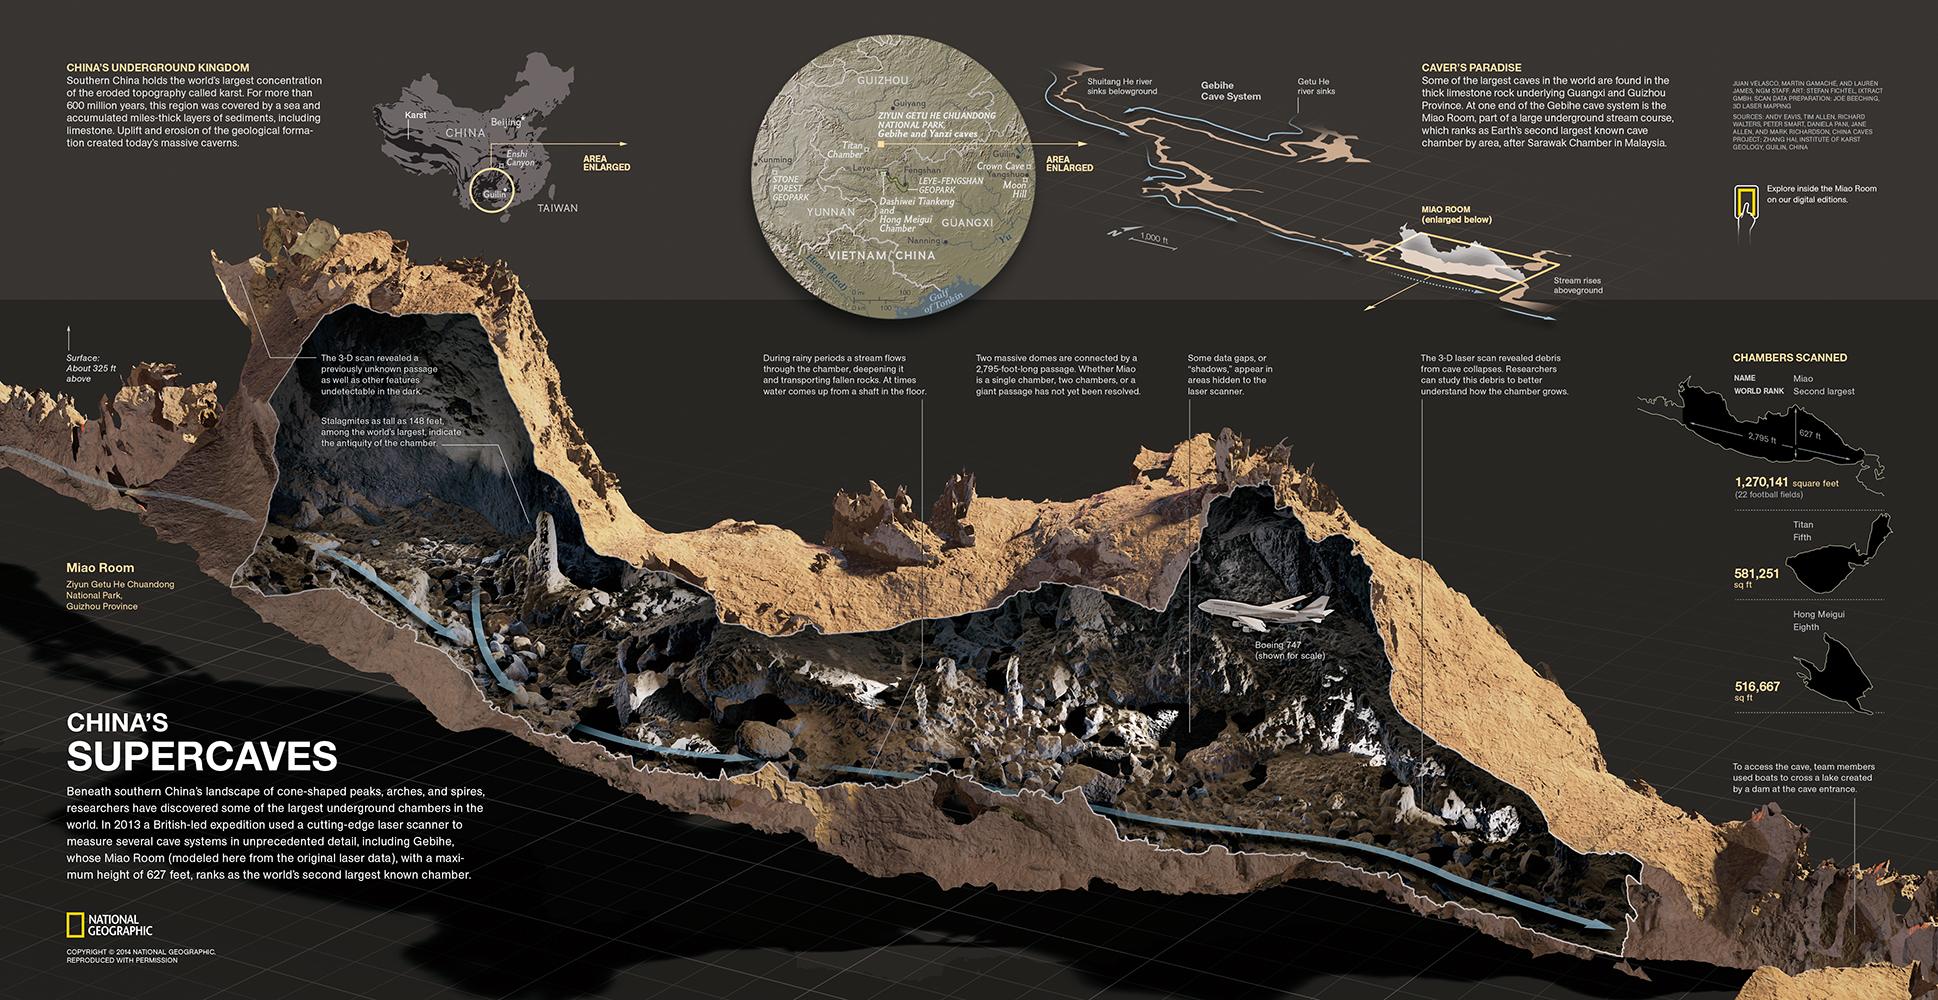 Mapeamento a laser revela uma caverna escondida com o tamanho de 4 grandes pirâmides